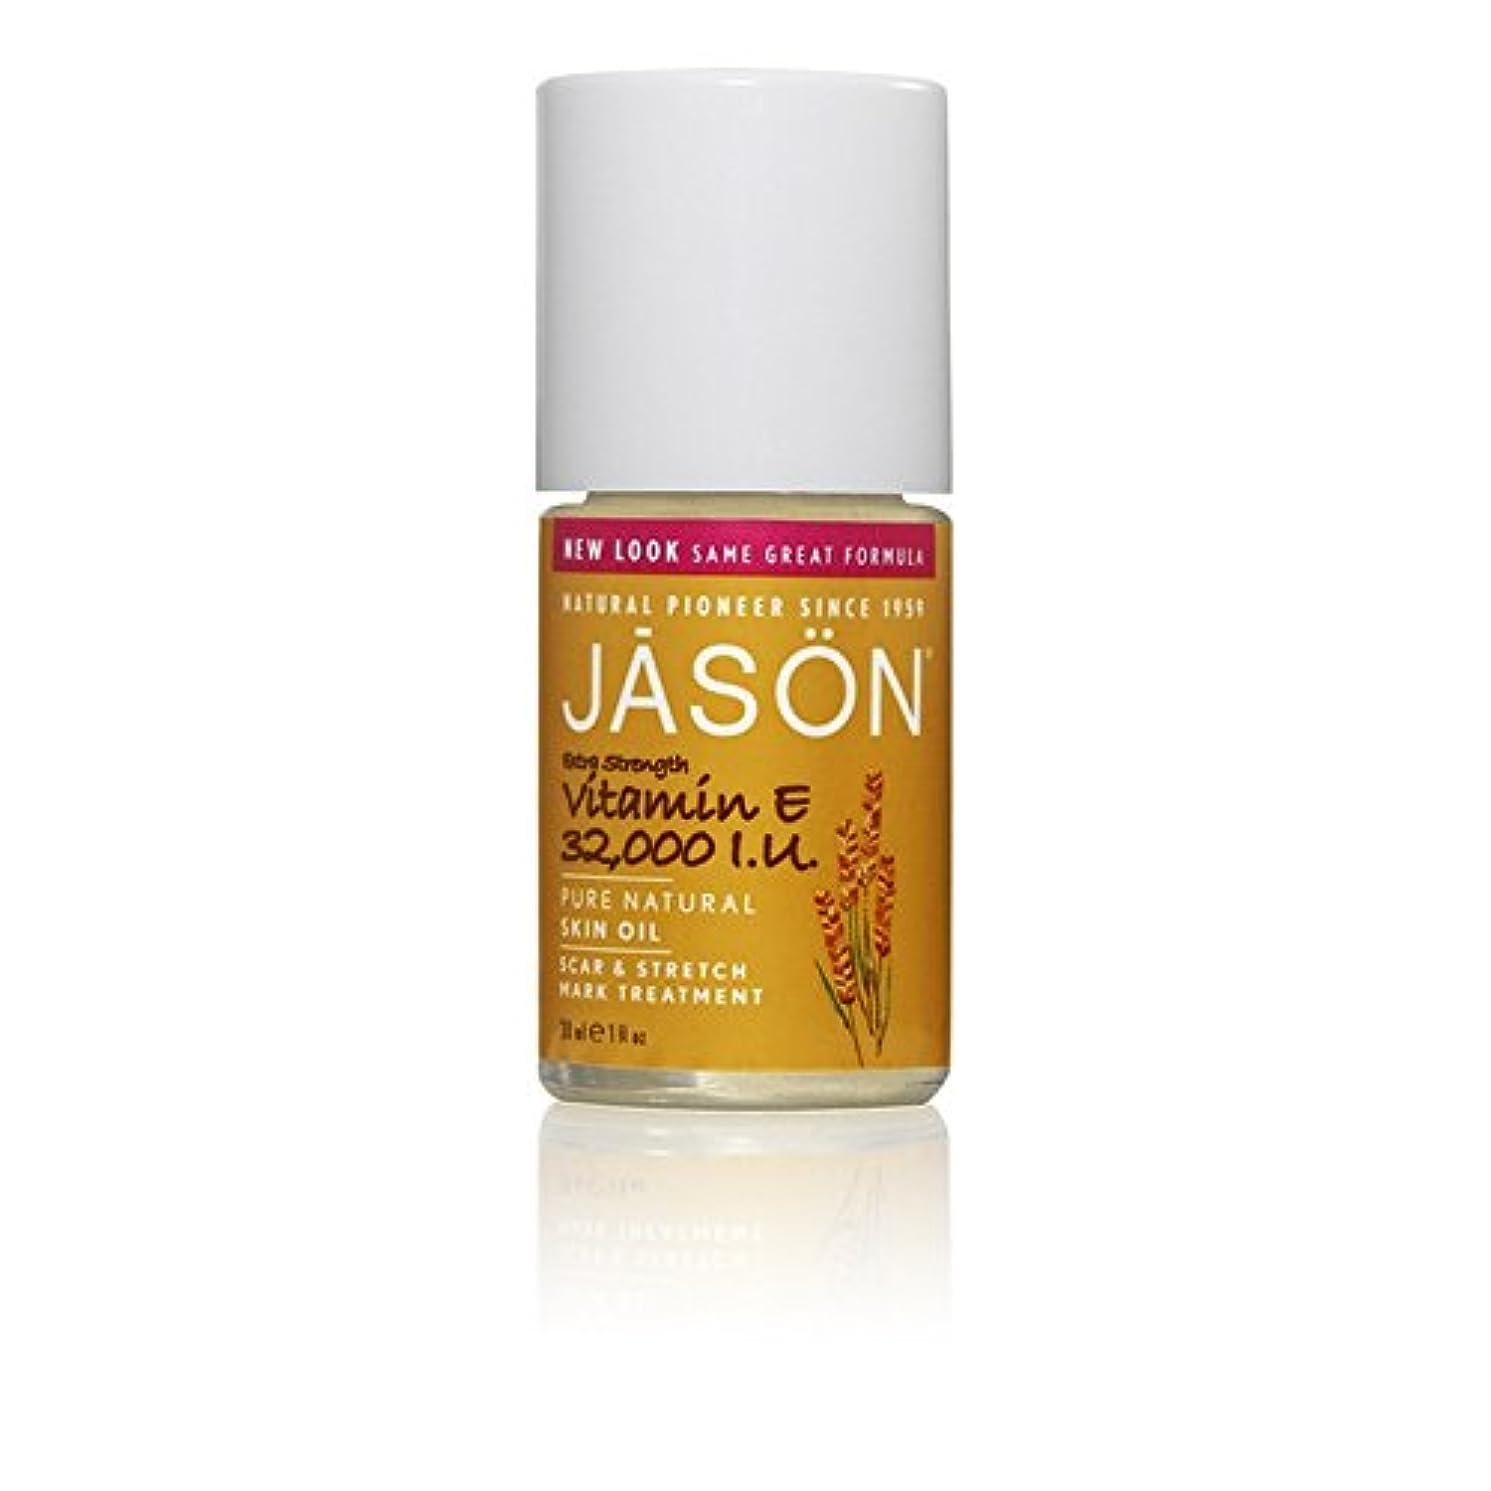 修正主権者防衛Jason Vitamin E 32,000iu Oil Scar & Stretch Mark Treatment 33ml - ジェイソン?ビタミン 32,000オイル傷跡&ストレッチマークトリートメント33ミリリットル...